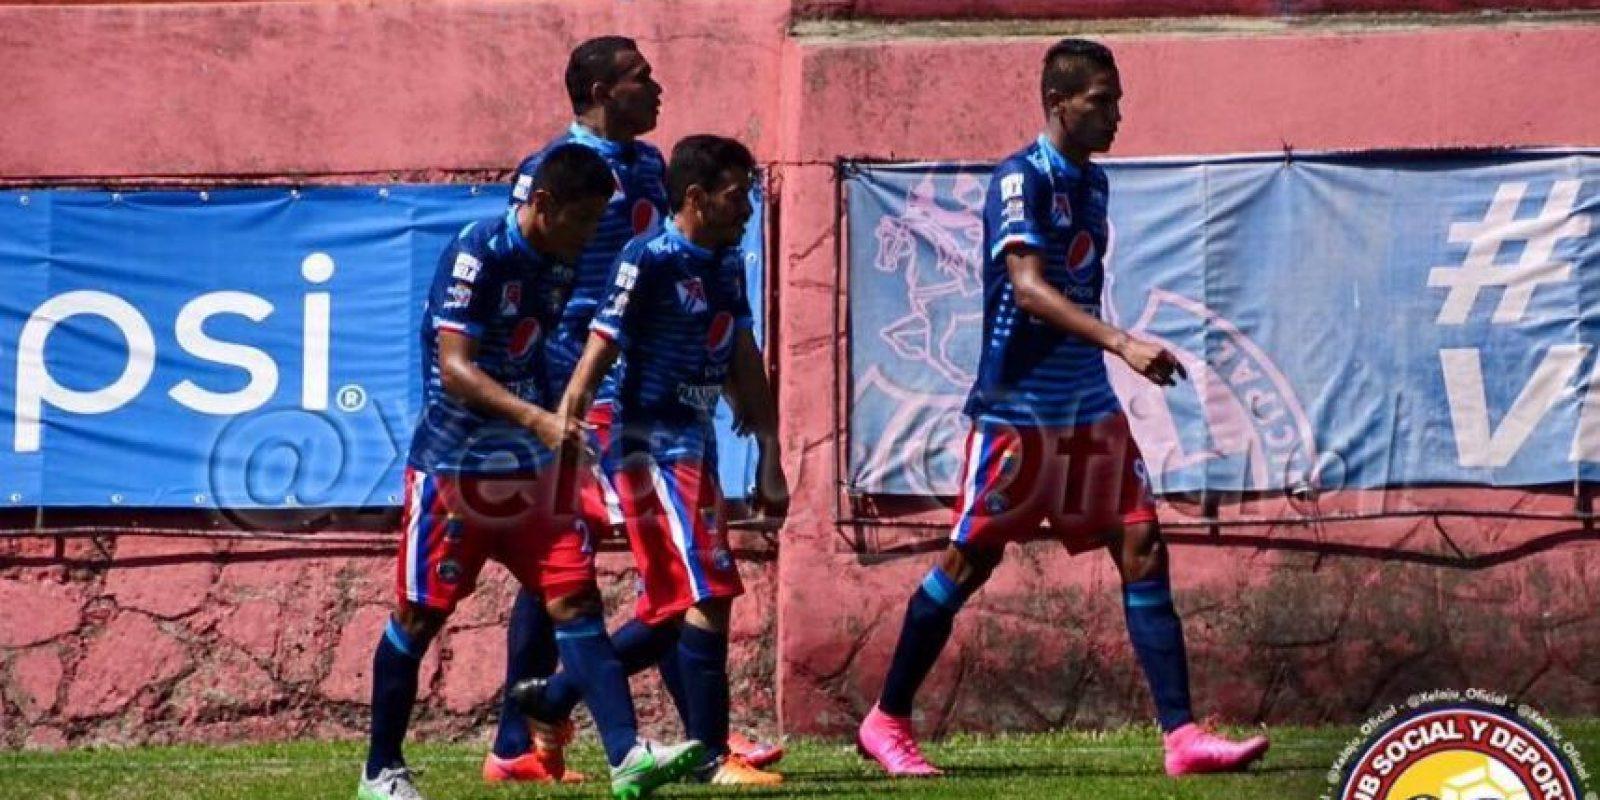 Celebración de la primera anotación del juego. Foto:Xelajú Oficial